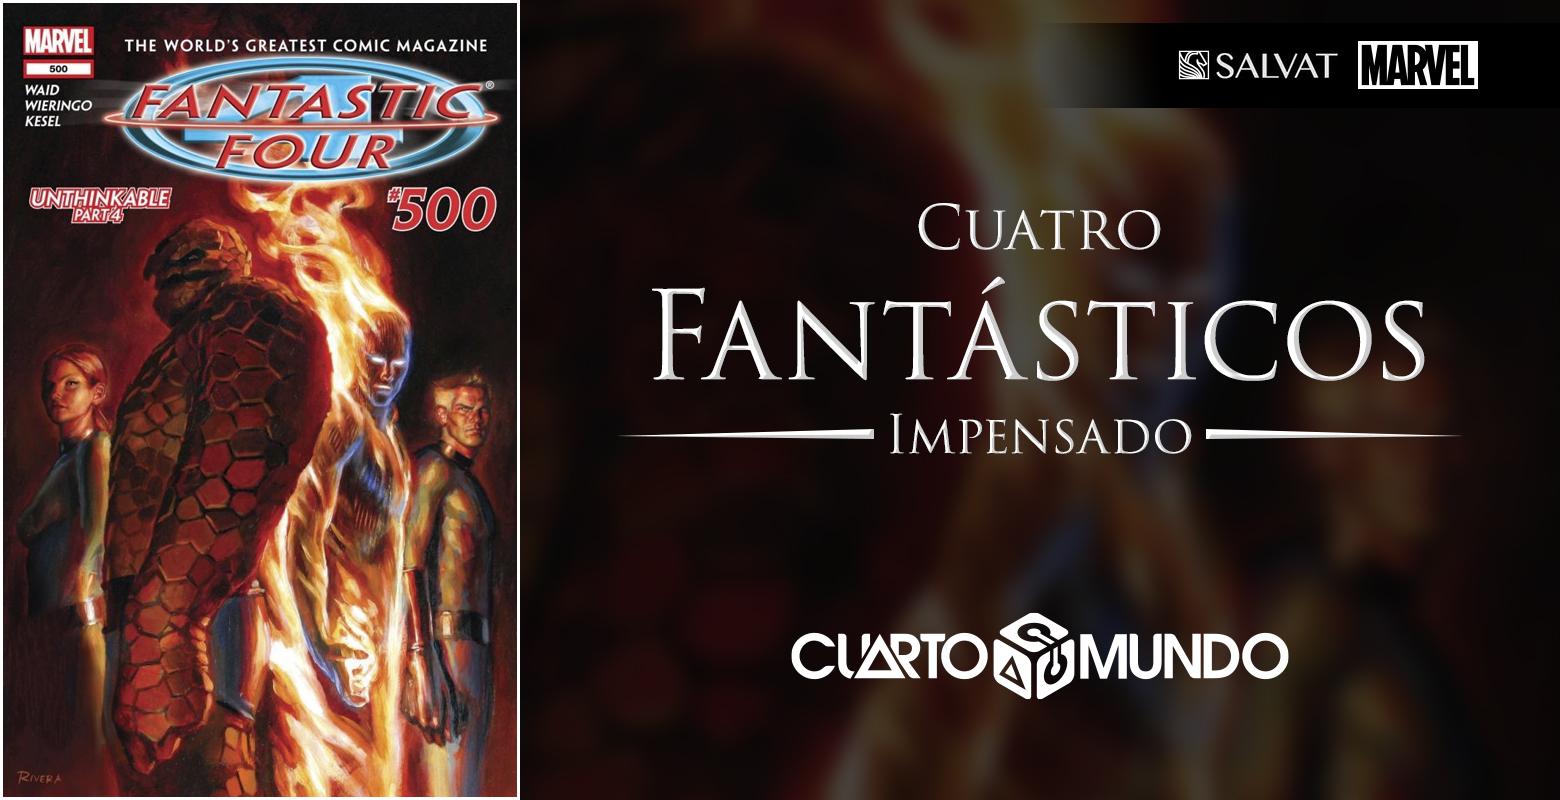 Marvel Salvat - Cuatro Fantásticos: Impensado • Cuarto Mundo